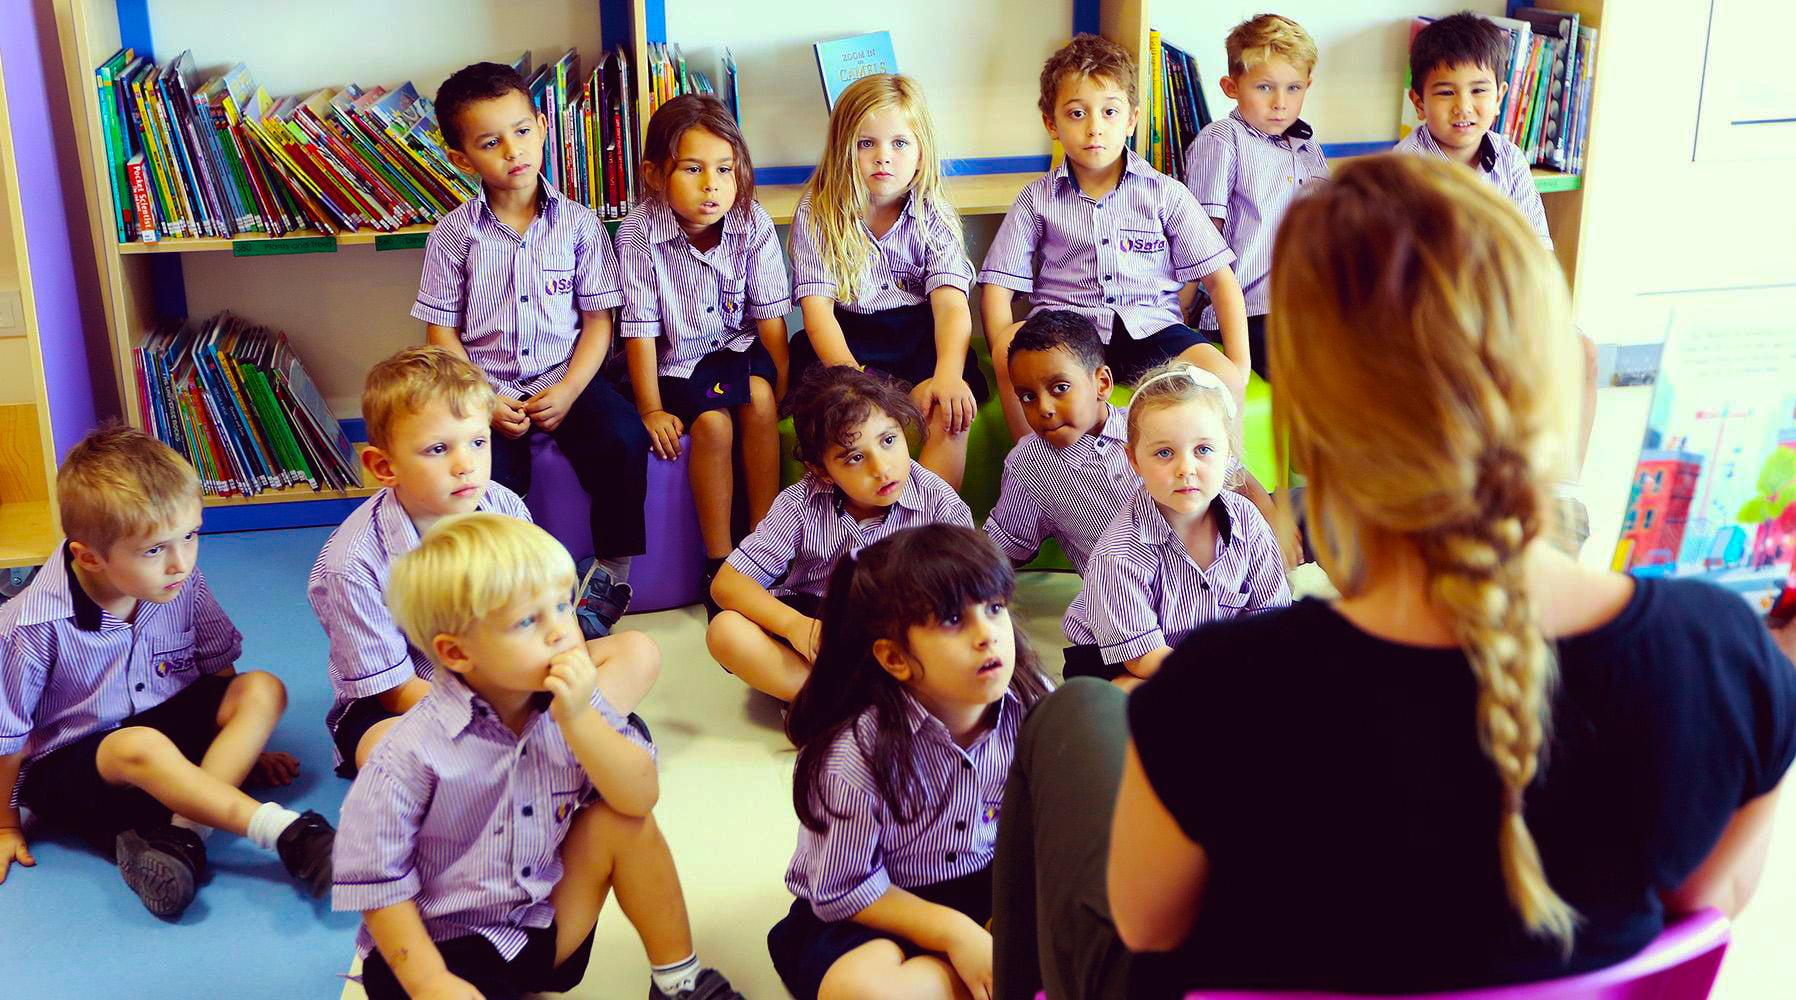 Ang mga nakaganyak at nakaganyak na mga bata na nasisipsip sa isang aralin sa Safa Community School sa Dubai - iginawad ang isa sa nangungunang 20 Pinakamahusay na Mga Paaralan sa Dubai at Abu Dhabi ng mga paaralancompared.com sa 2017